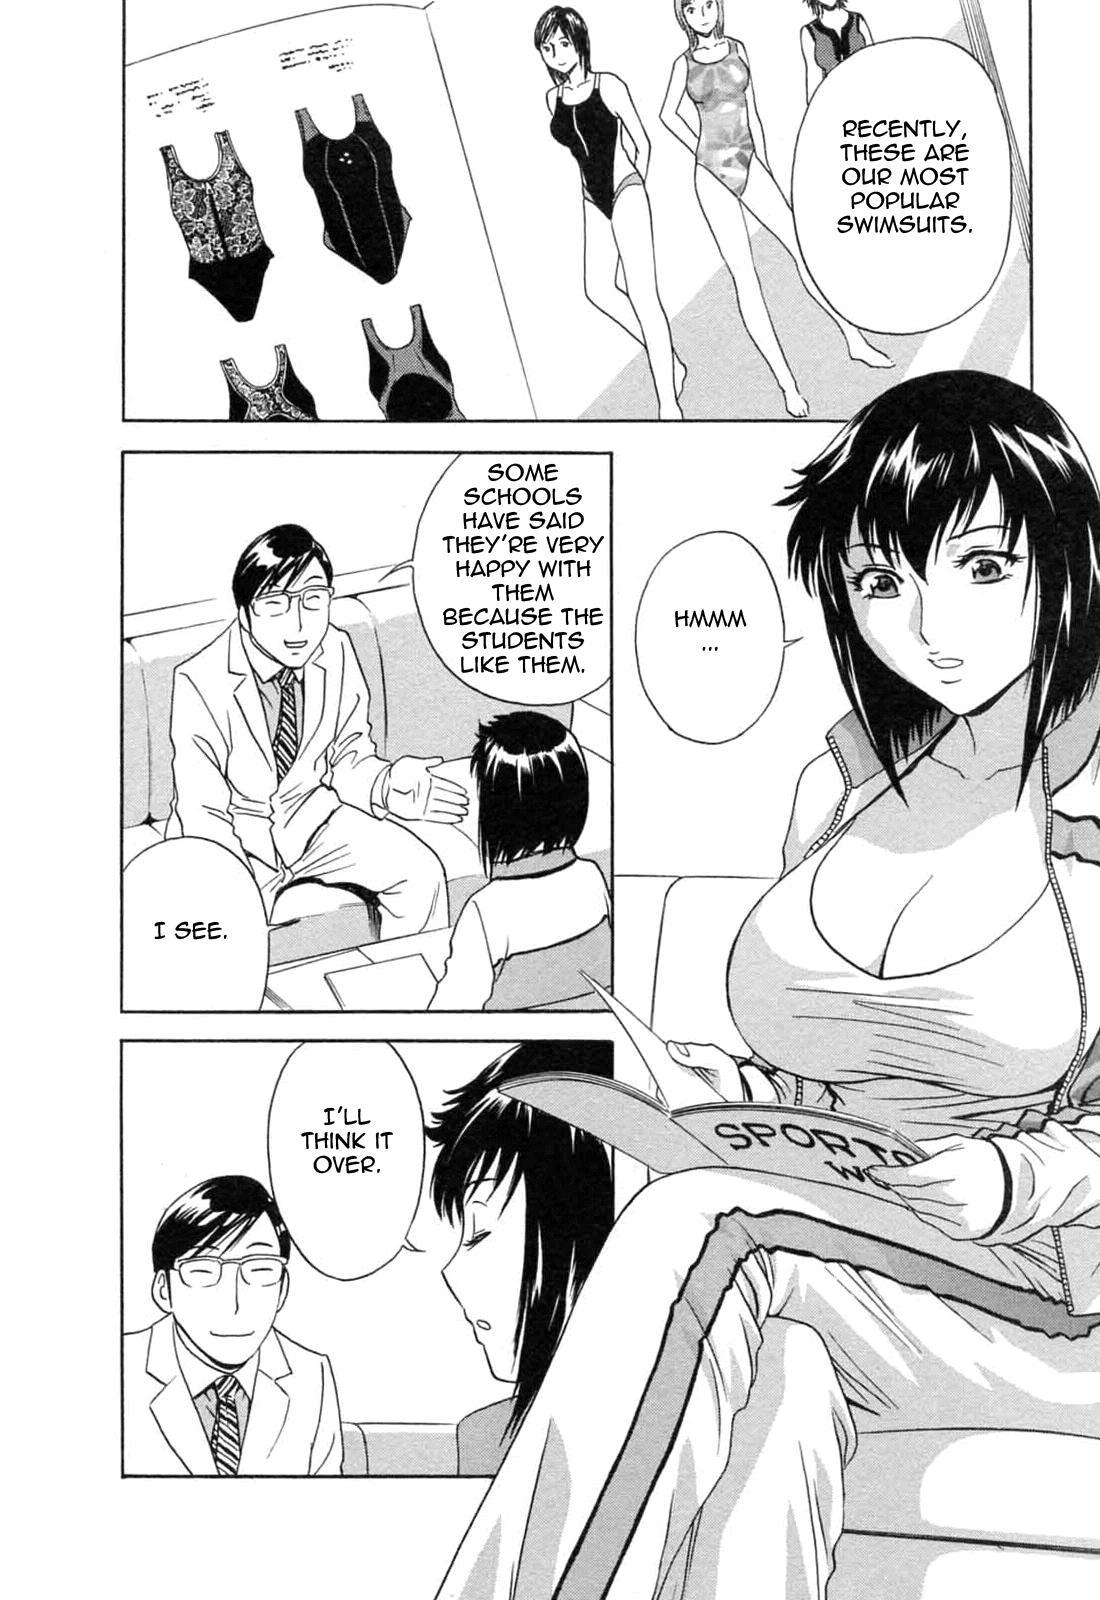 [Hidemaru] Mo-Retsu! Boin Sensei (Boing Boing Teacher) Vol.5 [English] [4dawgz] [Tadanohito] 113